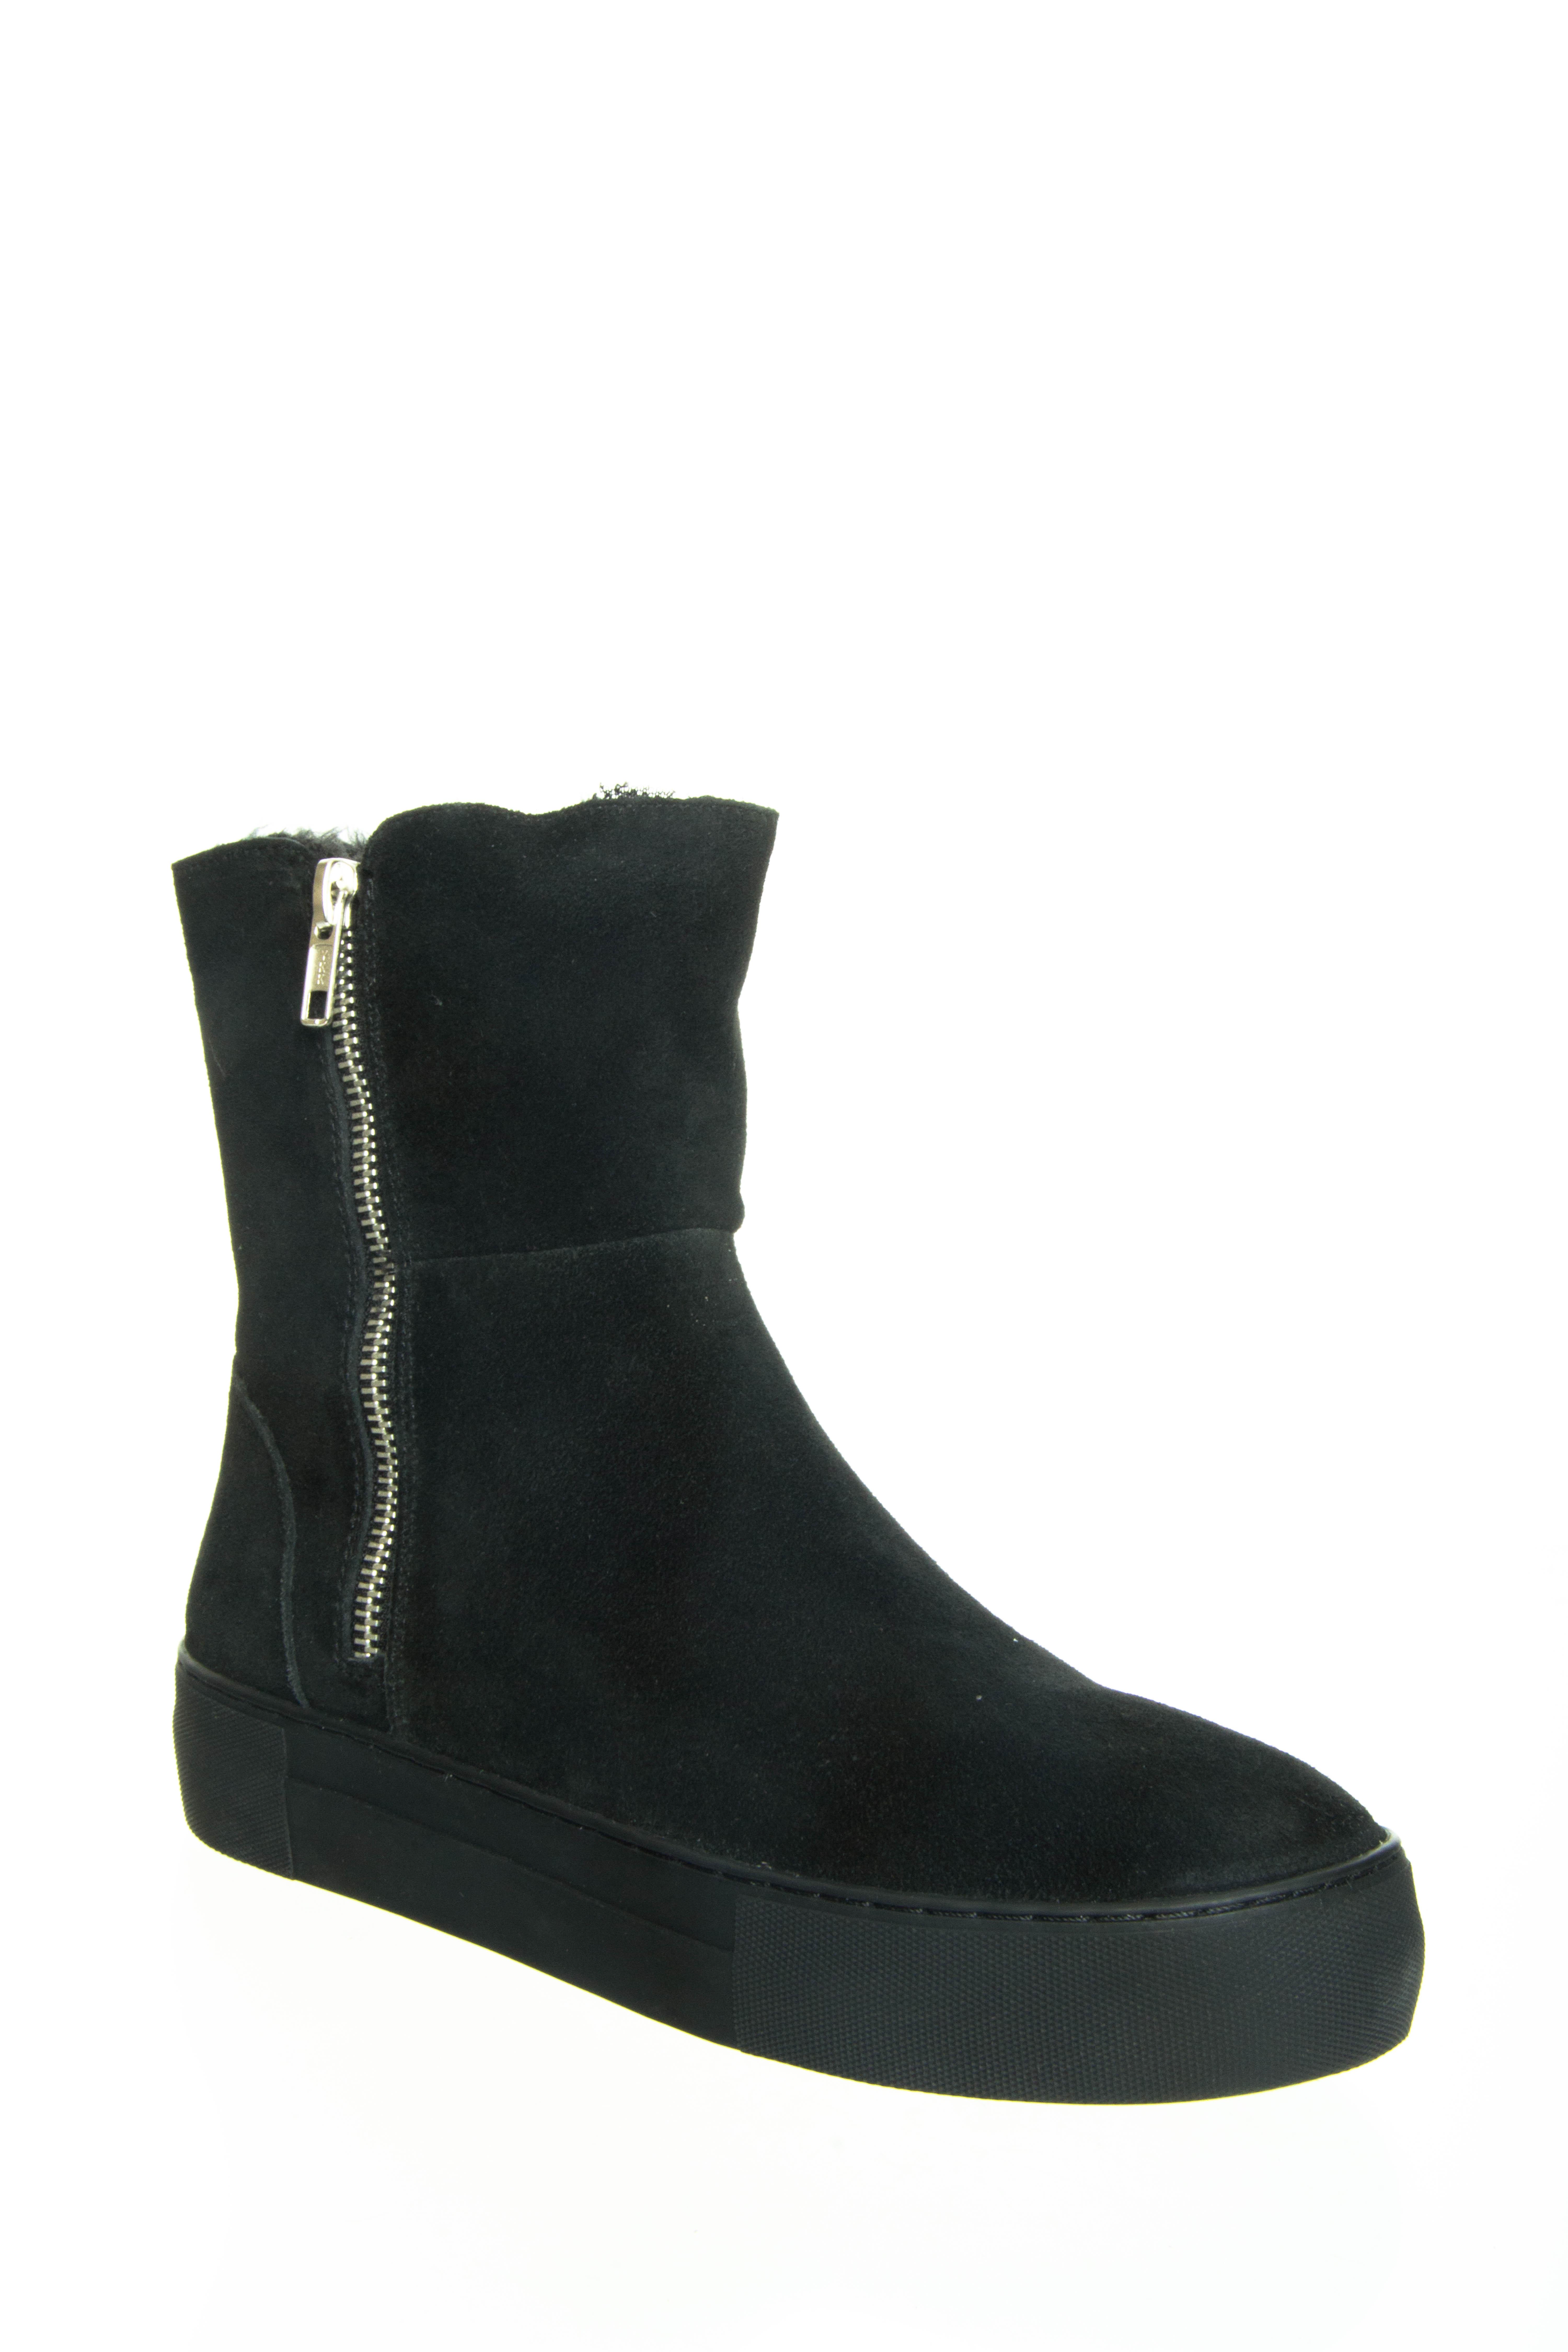 J Slides Allie Platform Boots - Black Suede